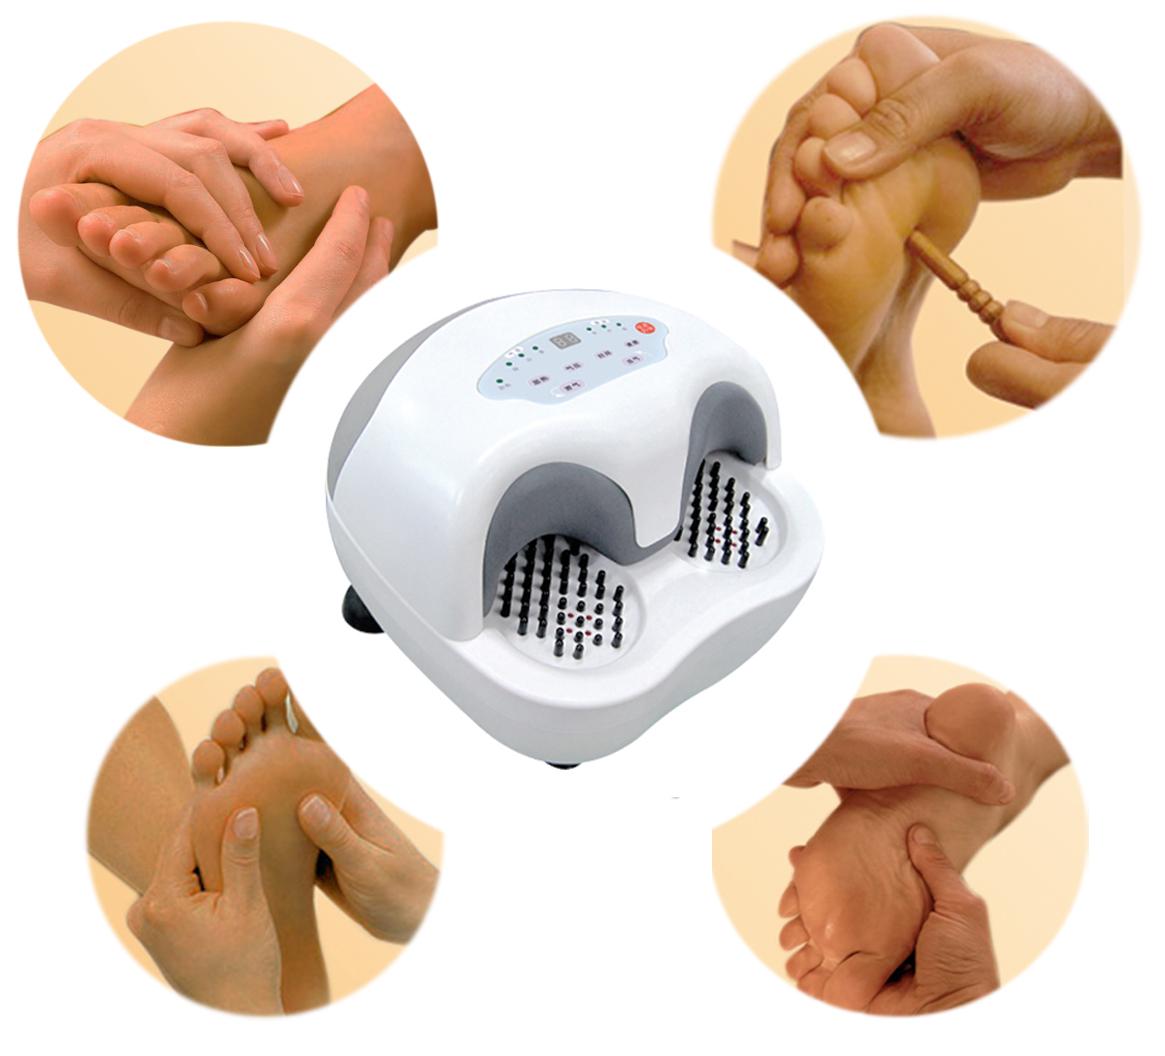 Массажер для ног электрический своими руками